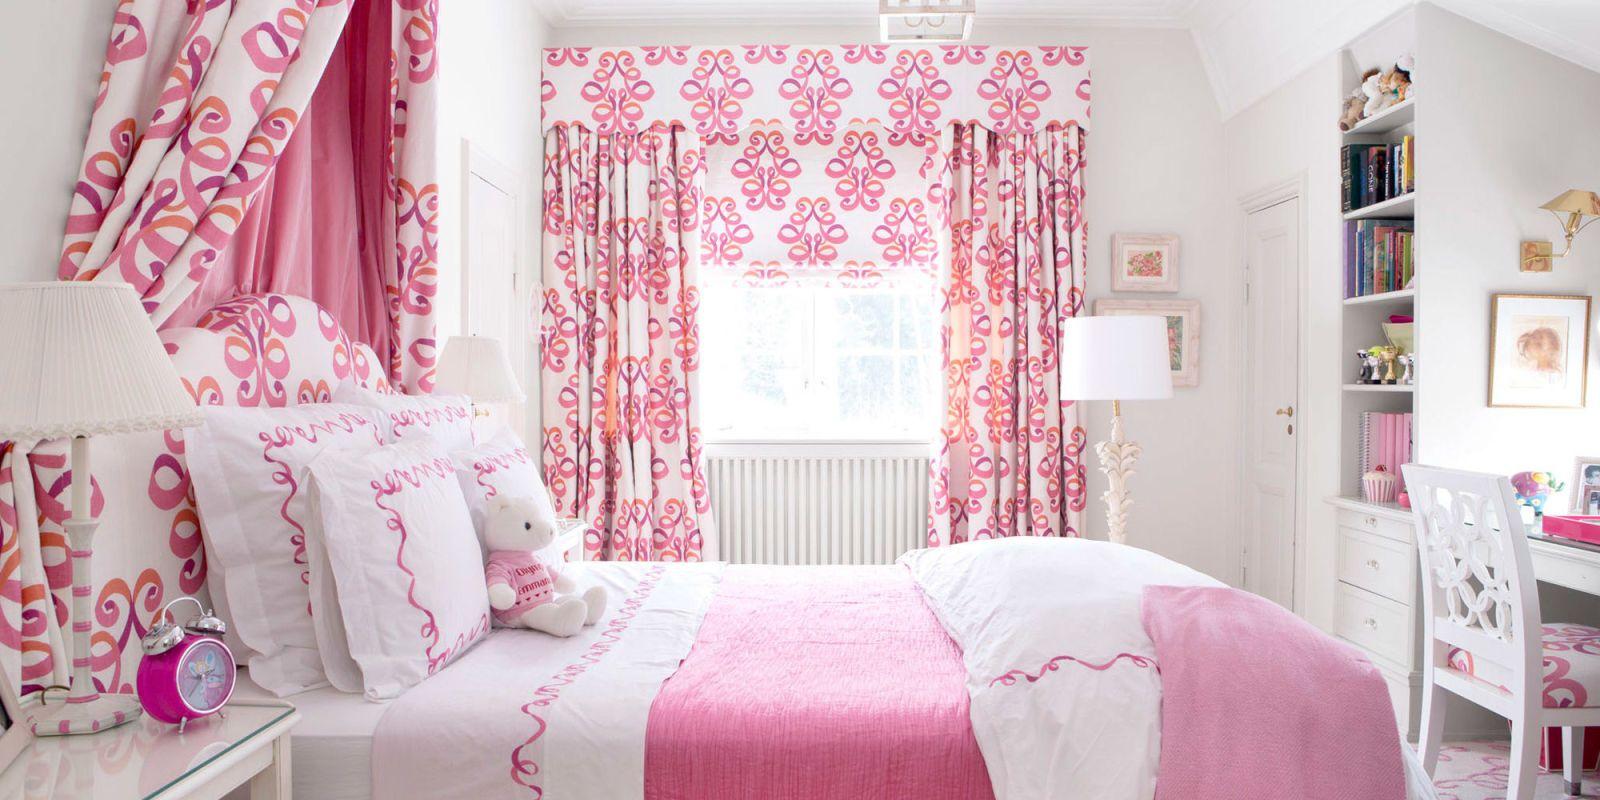 House Beautiful Design Ideas